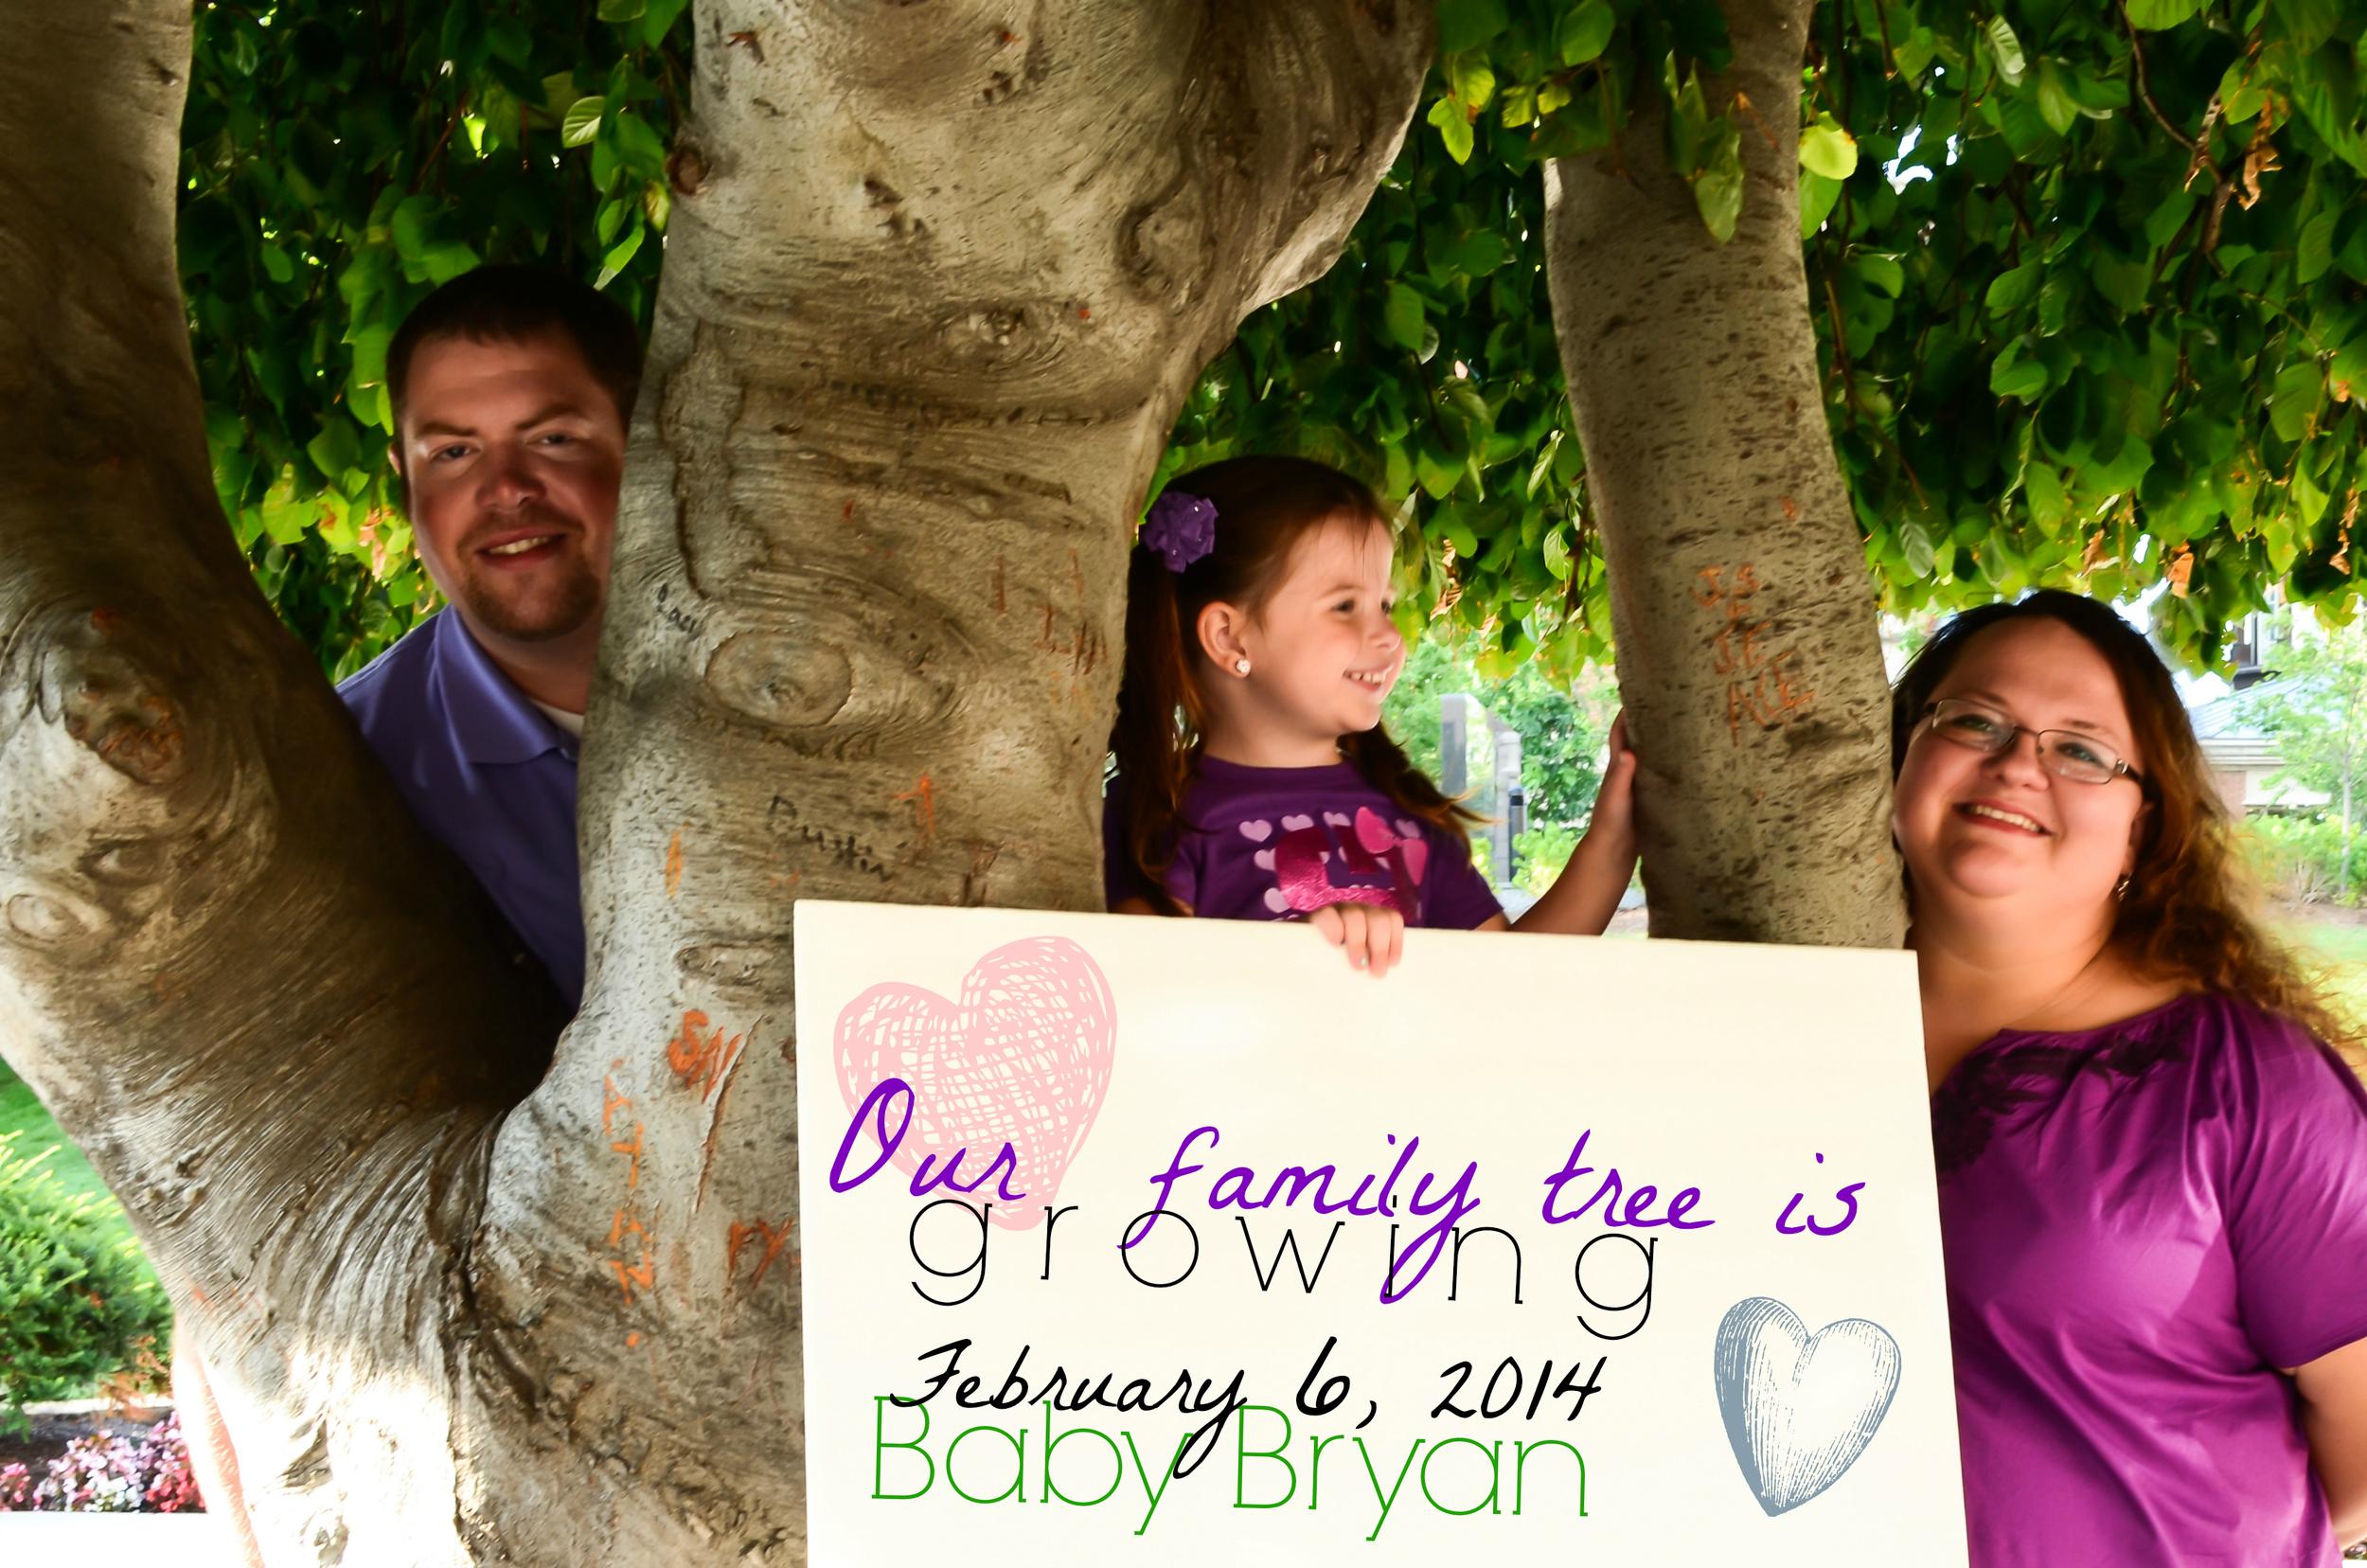 Baby Bryan family tree correct date.jpg